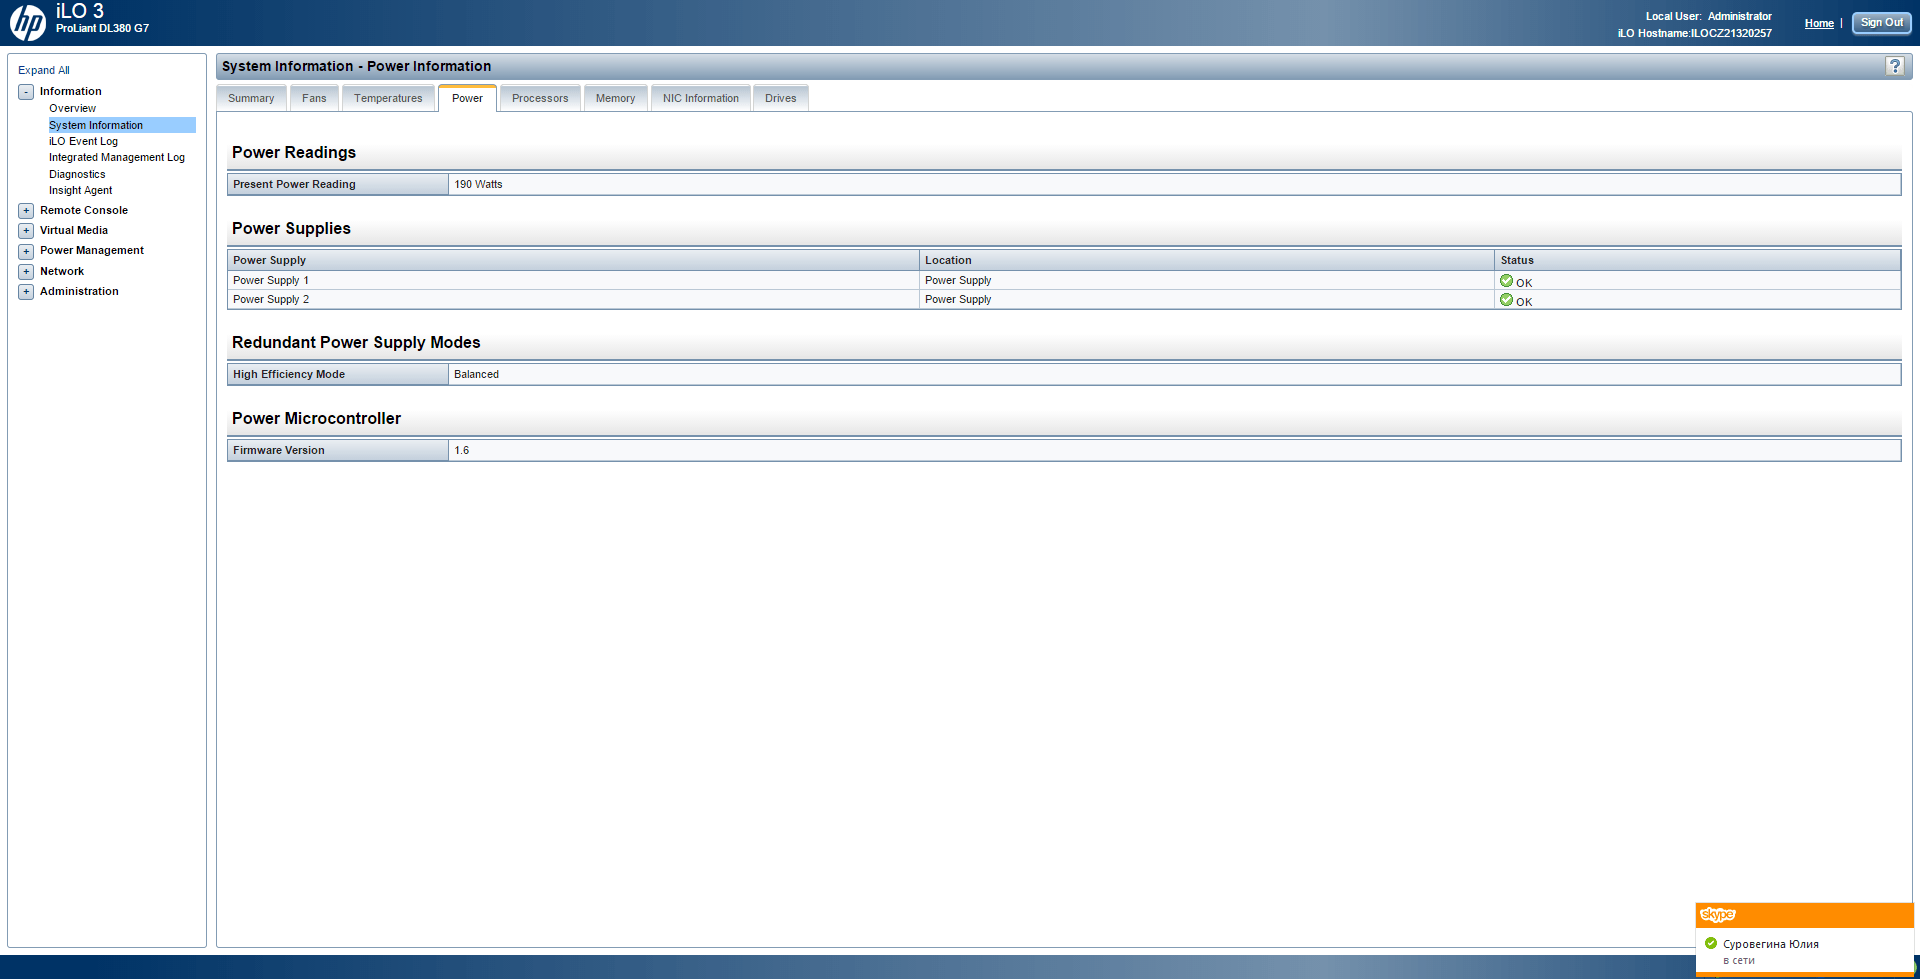 Обзор параметров ILO 3 в HP dl380 g7-06